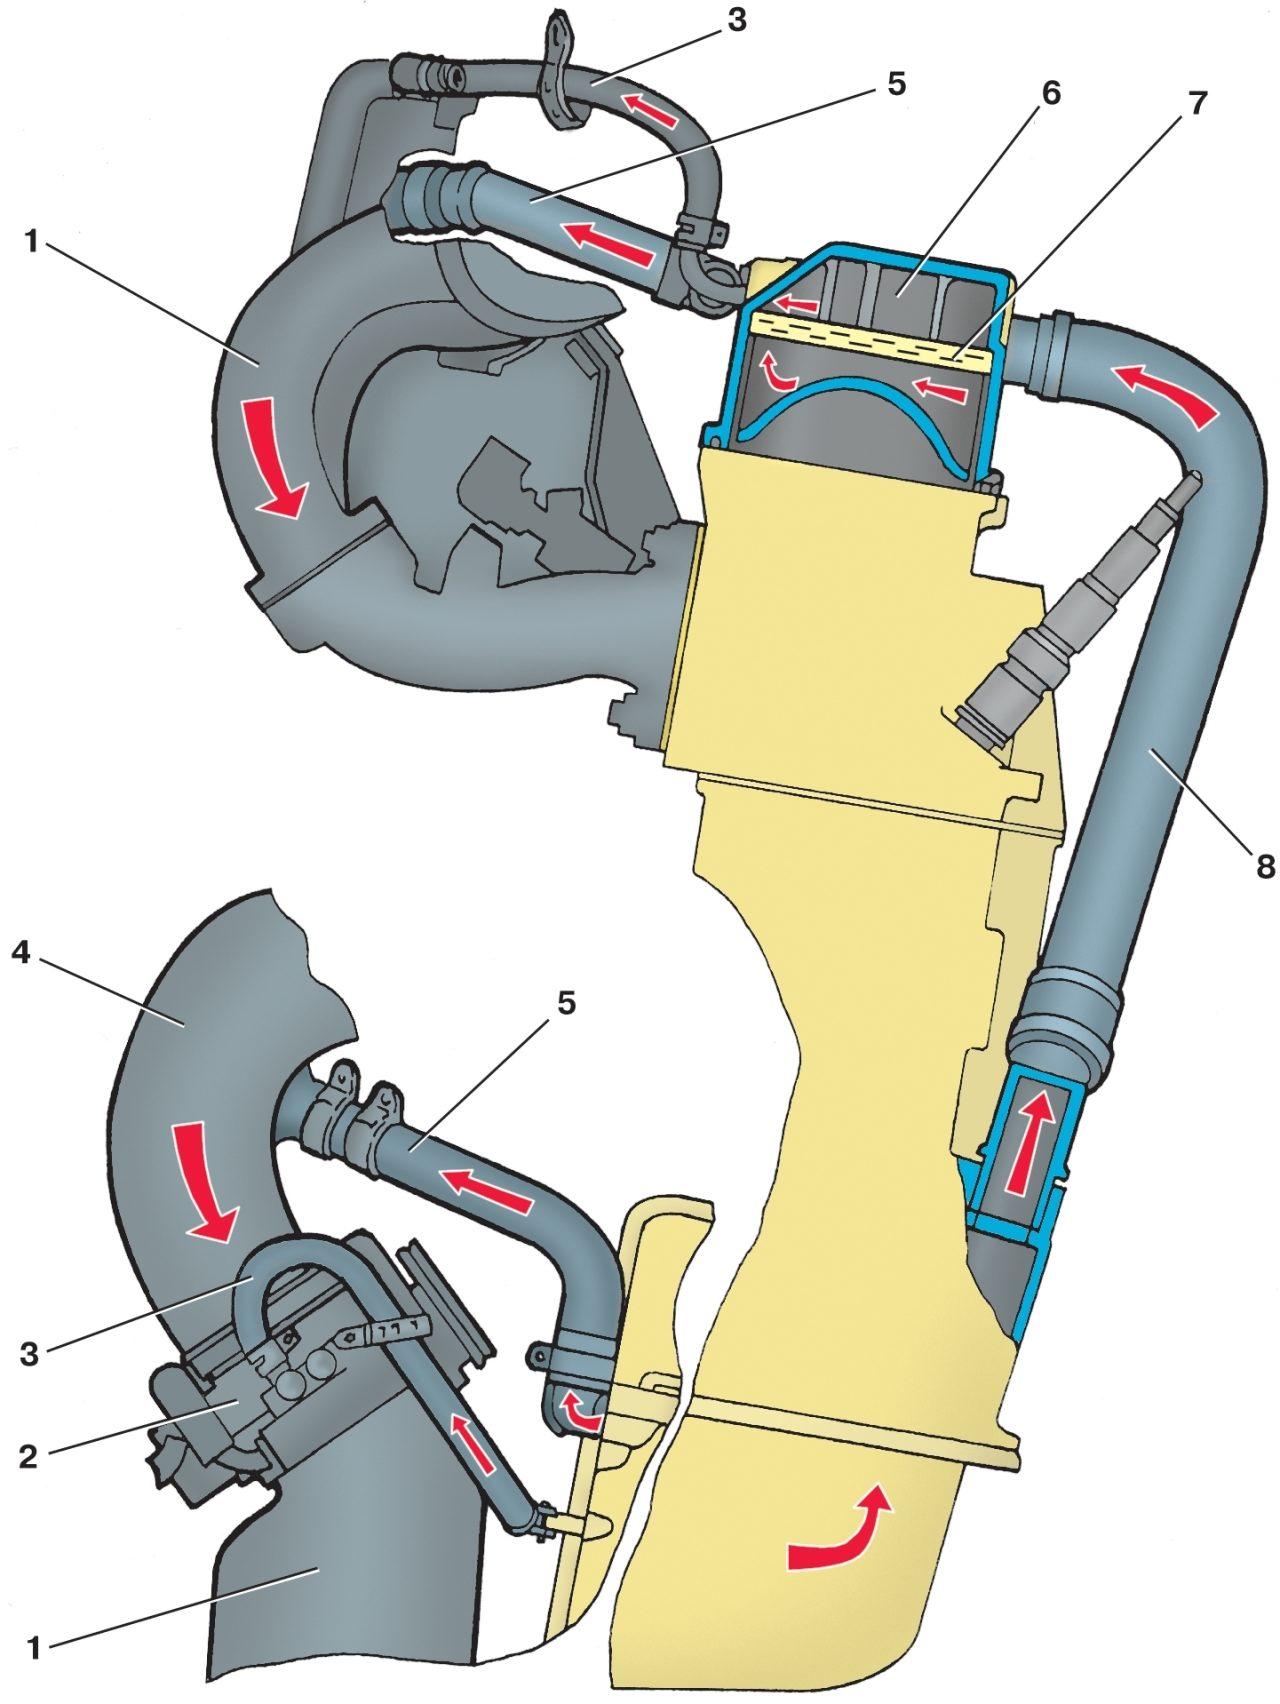 Схема вентиляции картера двигателя: 1 - ресивер; 2 - дроссельный патрубок; 3 - шланг первого контура; 4...